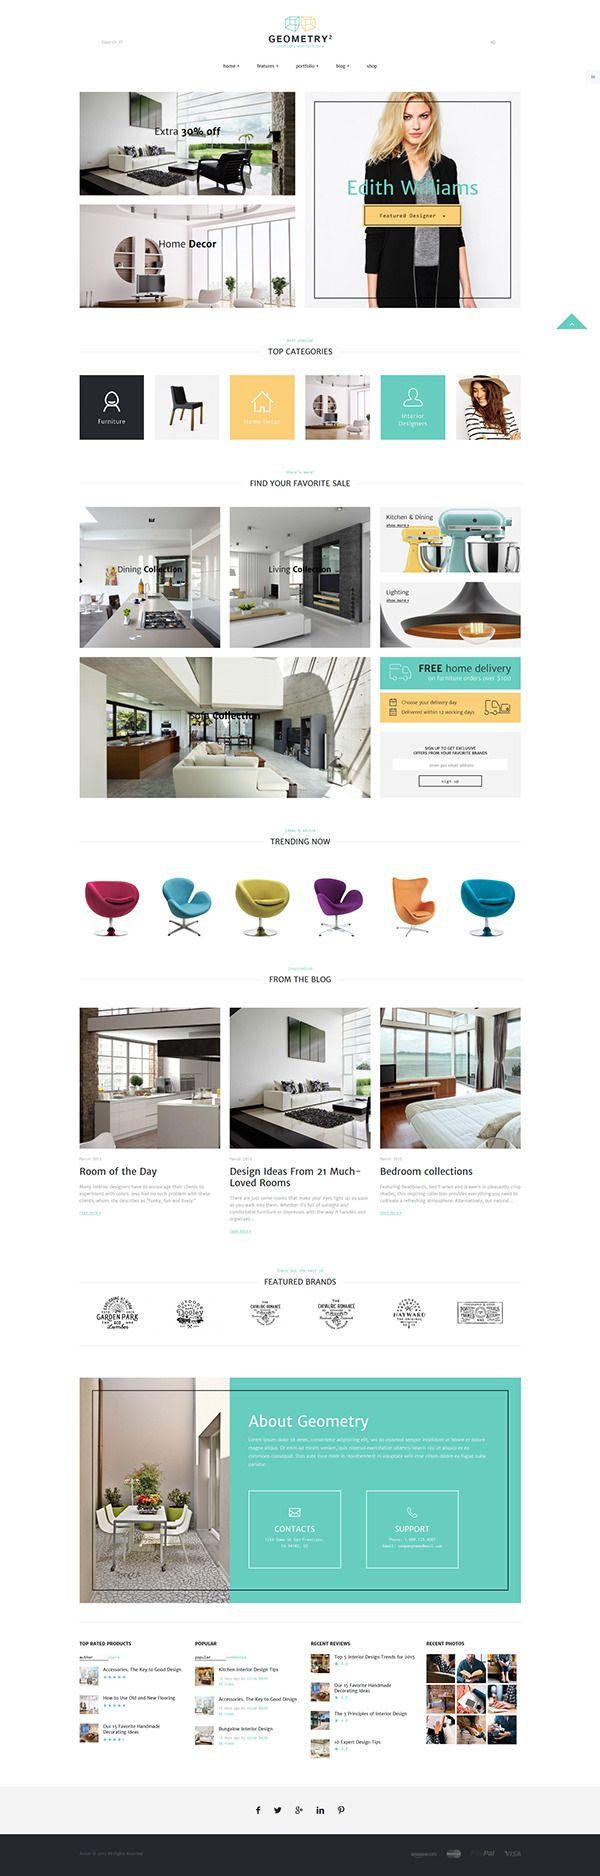 55 best Furniture Website Design images on Pinterest | Design ...